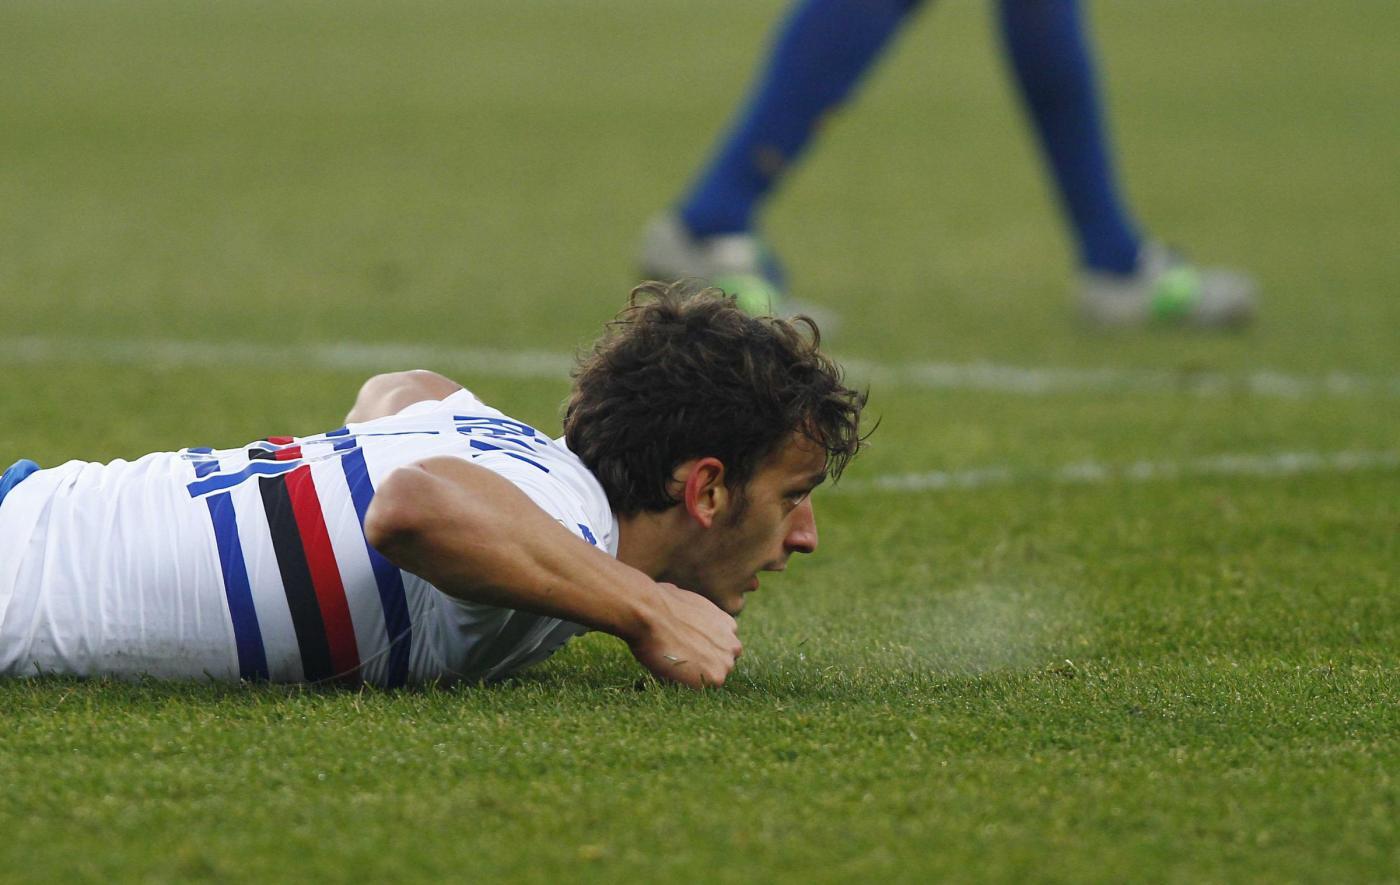 Mercato Sampdoria 12 gennaio: il club ligure ha ormai chiuso per il ritorno di Manolo Gabbiadini. Domani le visite mediche.